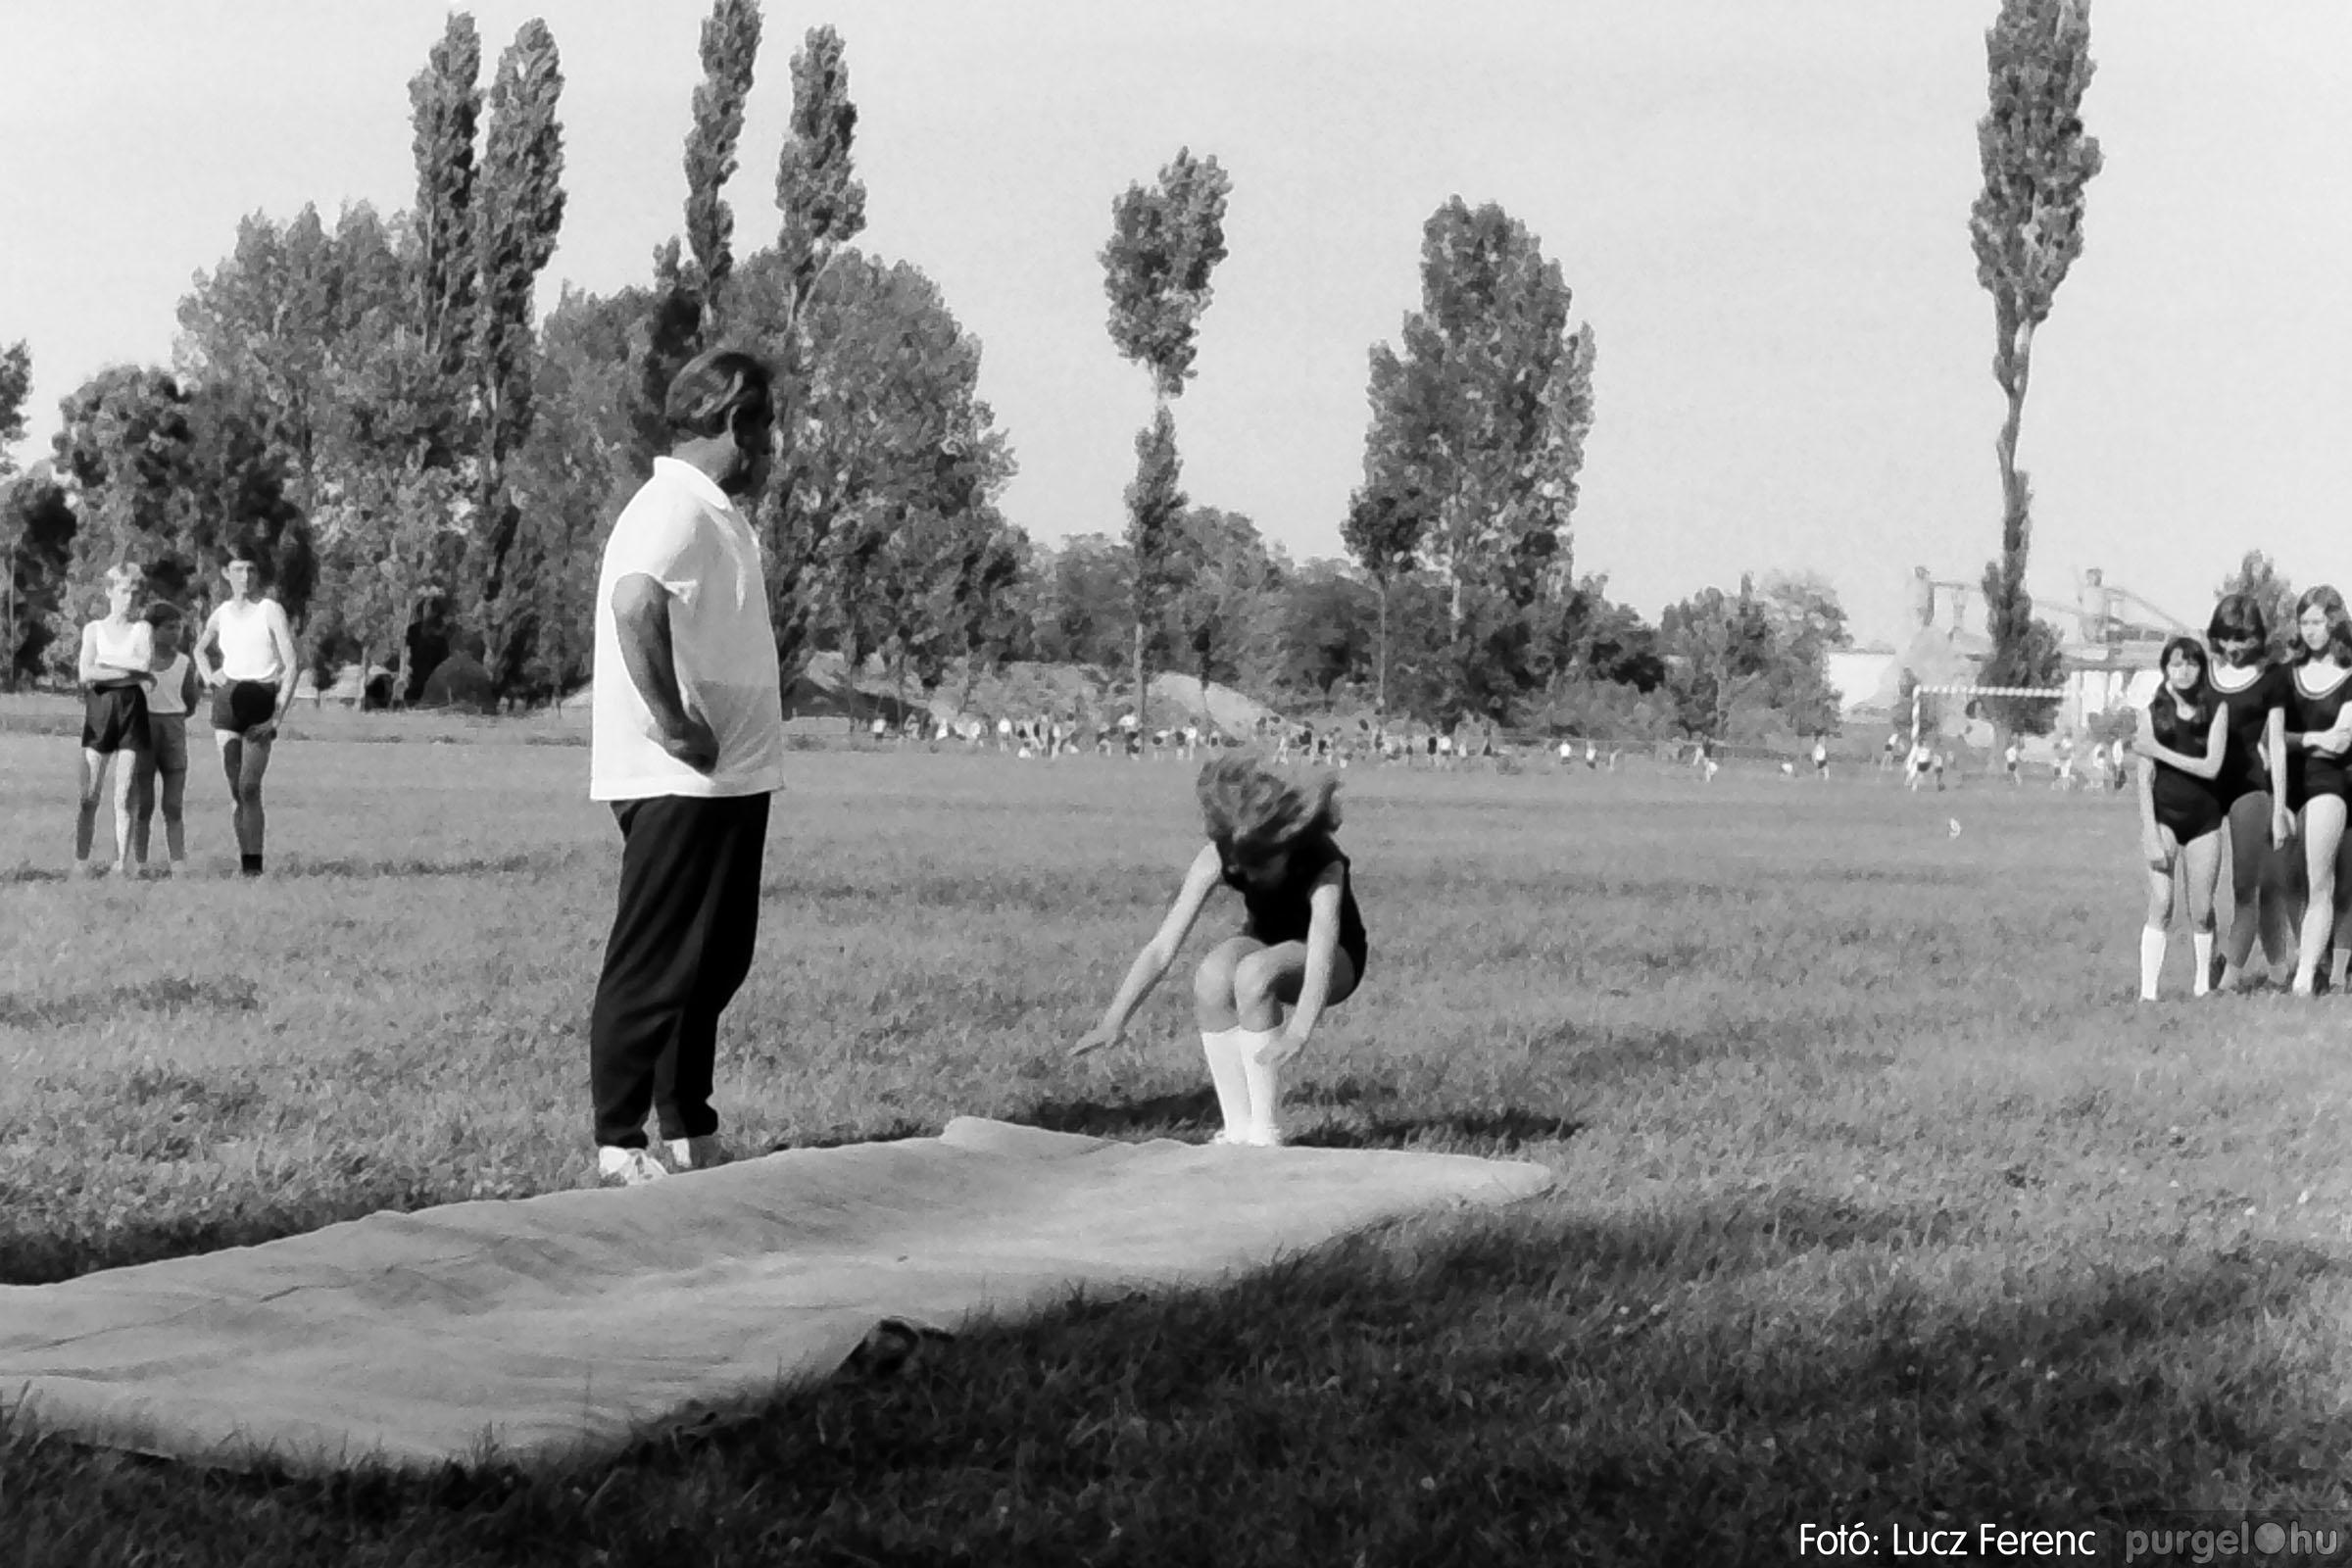 017 1975.04. Május elsejei tornabemutató főpróbája a sportpályán 034 - Fotó: Lucz Ferenc IMG00035q.jpg